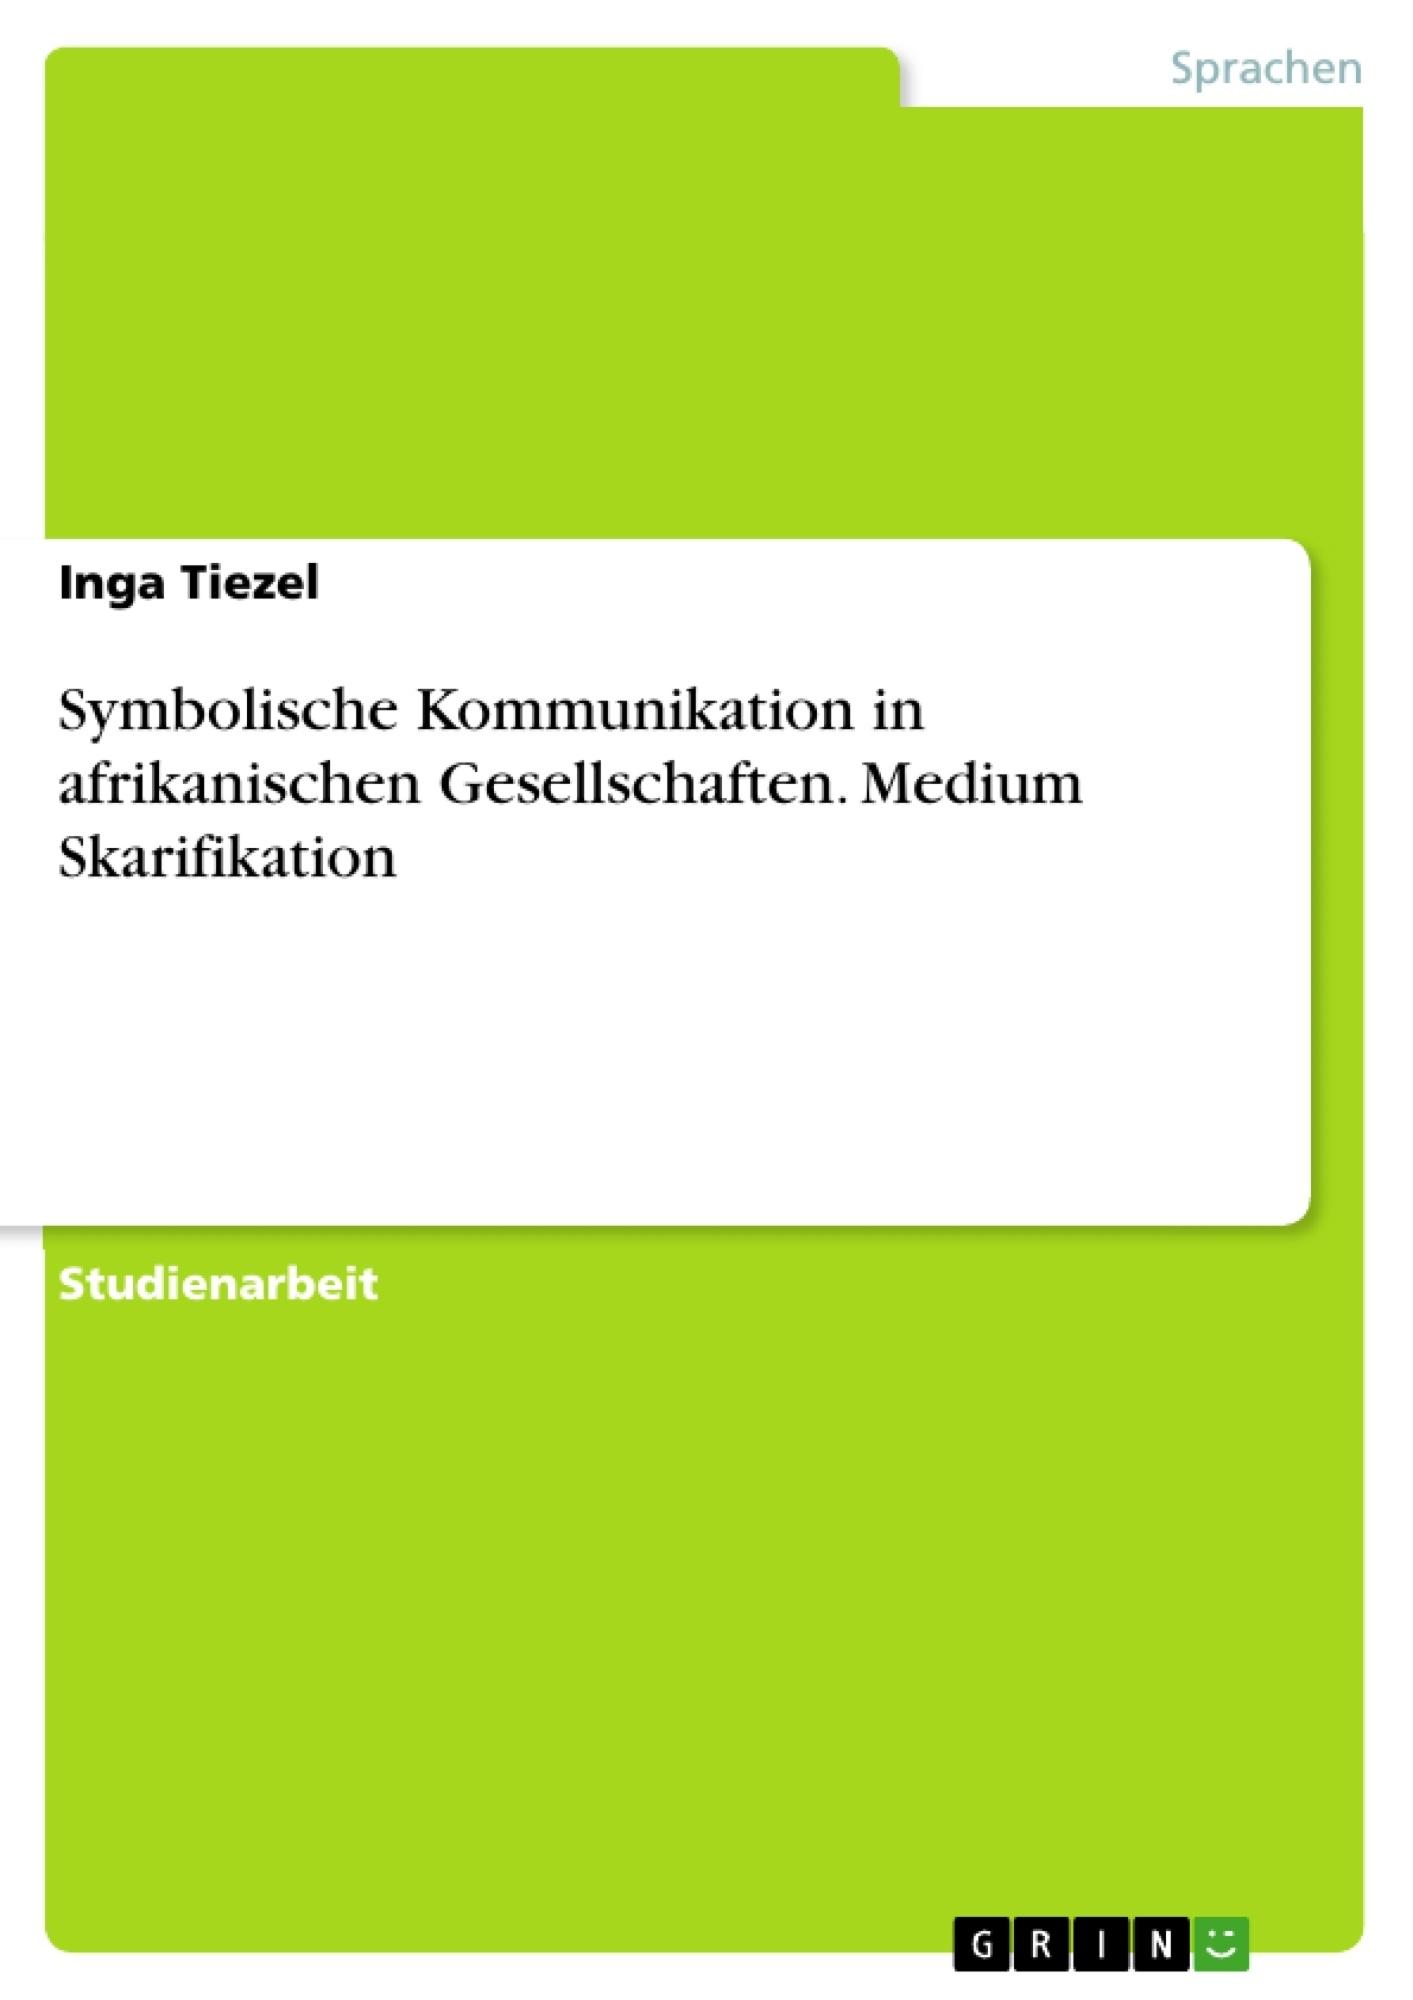 Titel: Symbolische Kommunikation in afrikanischen Gesellschaften. Medium Skarifikation